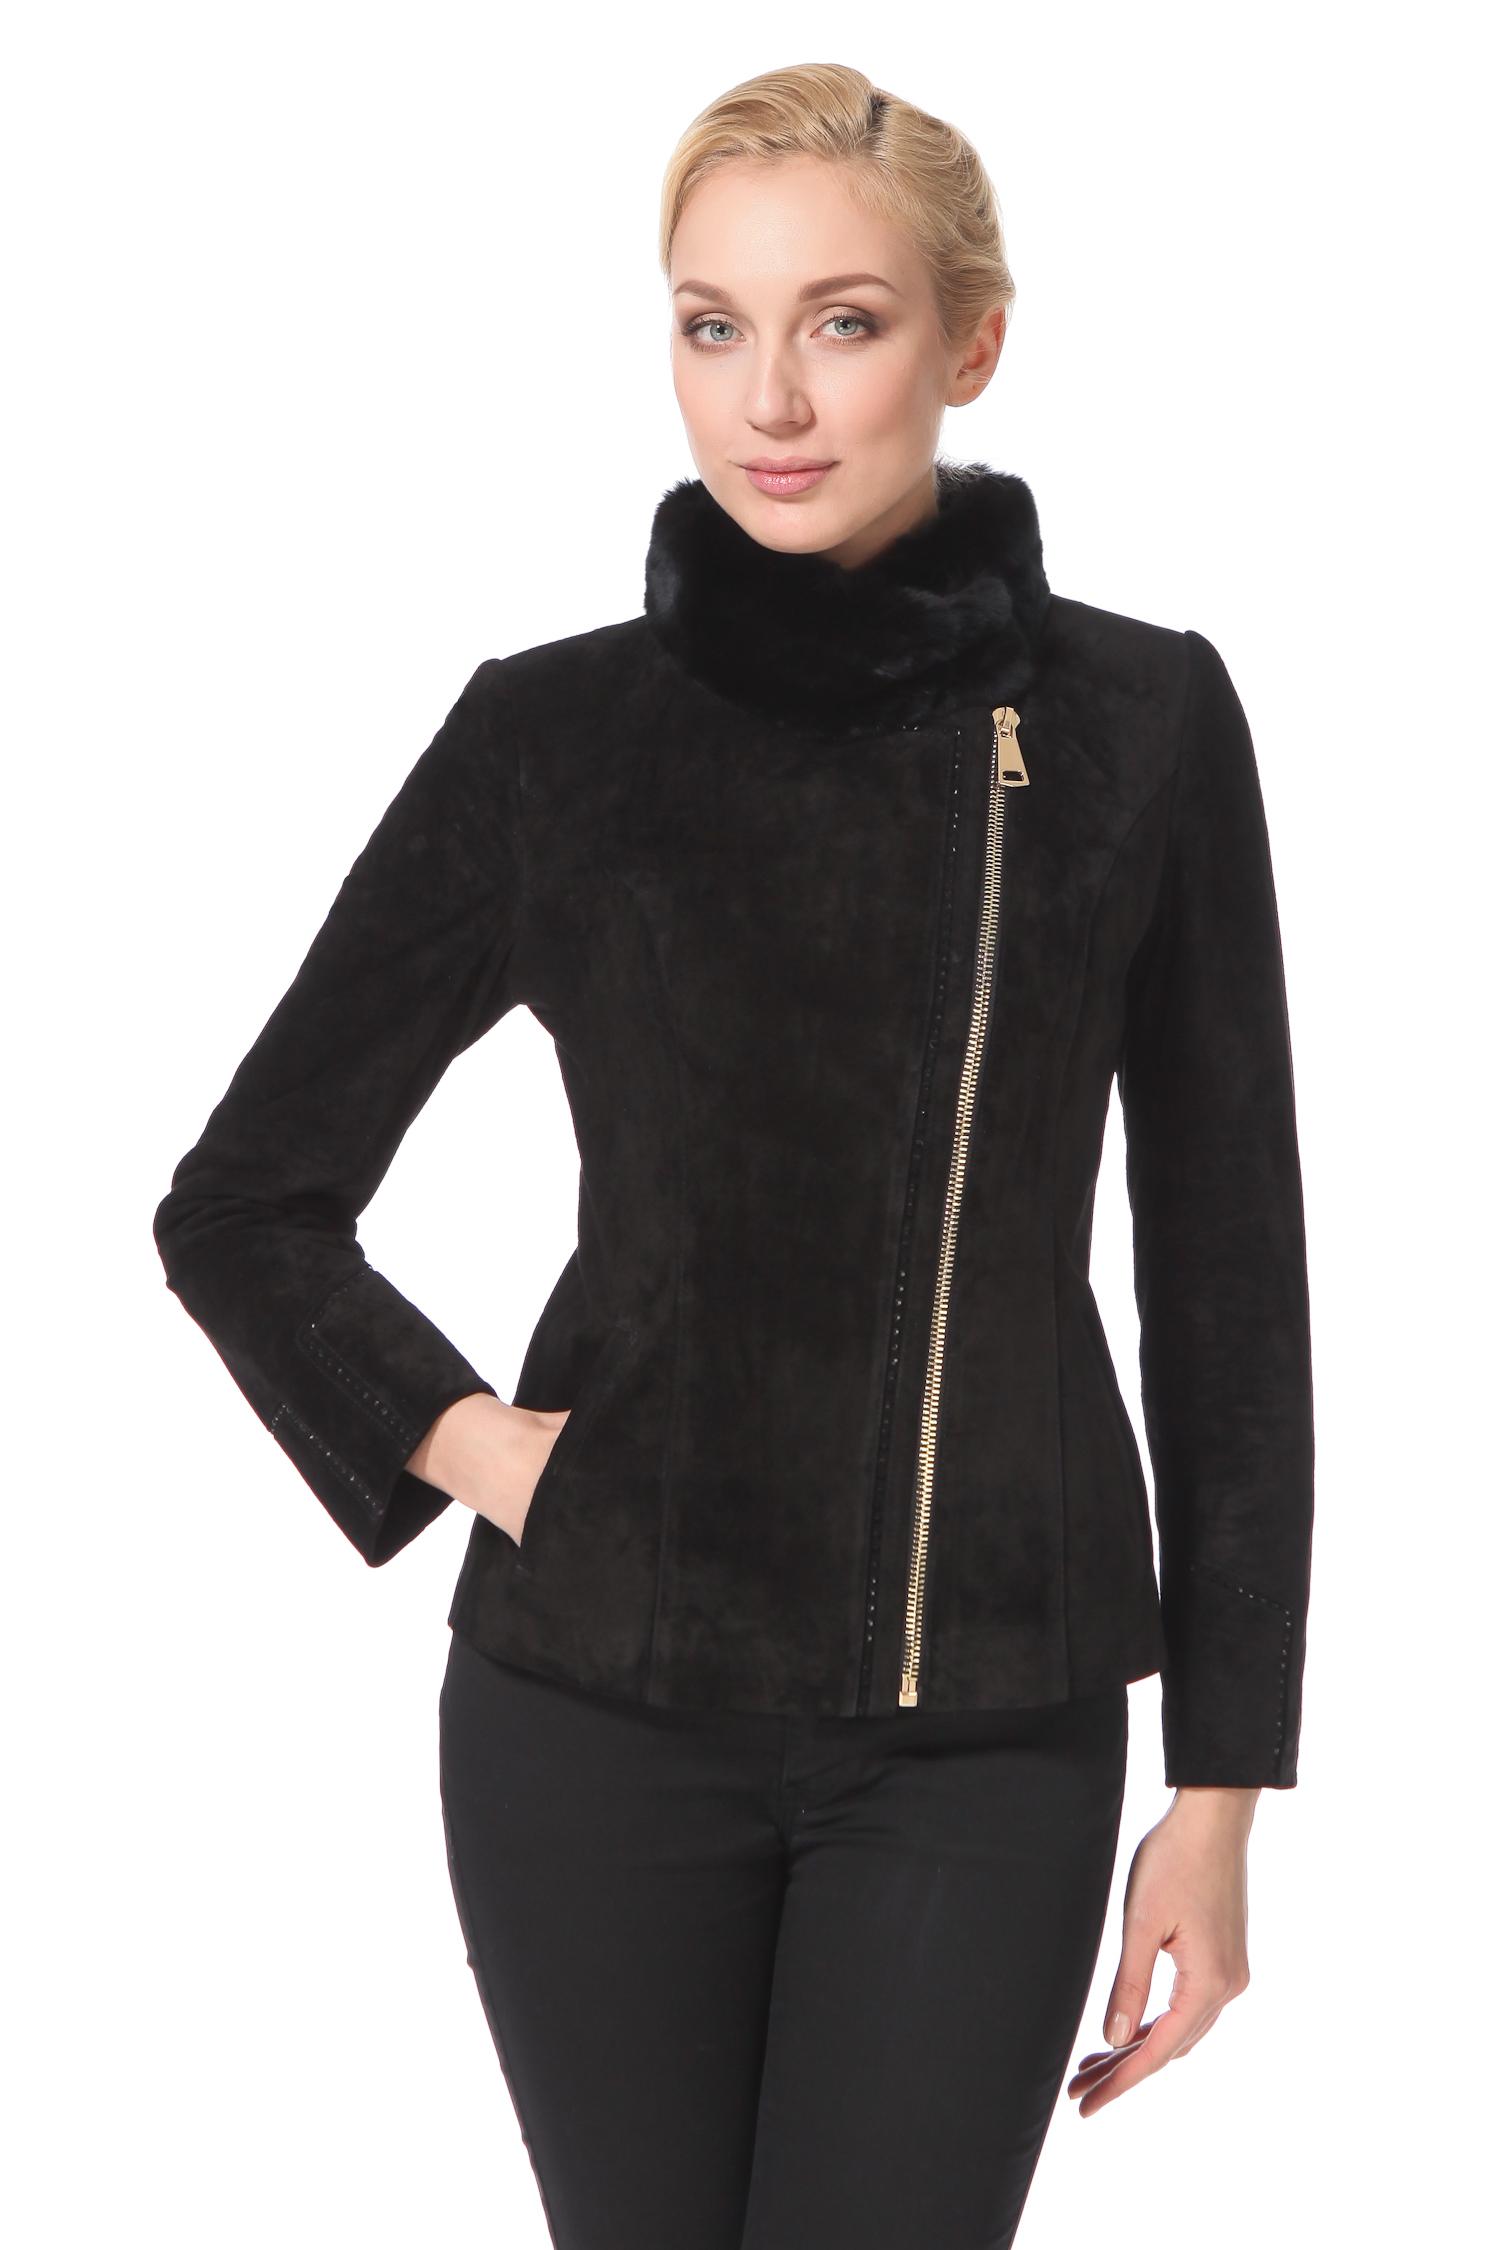 Женская кожаная куртка из натуральной замши с воротником, отделка кроликЦвет – угольно-черный.Надоели прямые длинные фасоны? Похоже, короткая замшевая куртка с прочной асимметричной металлической молнией и удивительно женственным воротником-стойкой из меха кролика Rex, ждет именно вас. Модель не имеет строгих стилистических ограничений. Она одинаково интересно смотрится как с классическими, так и авангардными предметами гардероба. Куртку можно сотни раз обыгрывать разными аксессуарами, и она будет выглядеть всегда удивительно свежо. Модель безупречно сядет на изящную фигуру, а также дамы округлых форм смогут себя чувствовать в ней достаточно комфортно.<br><br>Воротник: стойка<br>Длина см: Короткая (51-74 )<br>Материал: Замша<br>Цвет: черный<br>Пол: Женский<br>Размер RU: 46